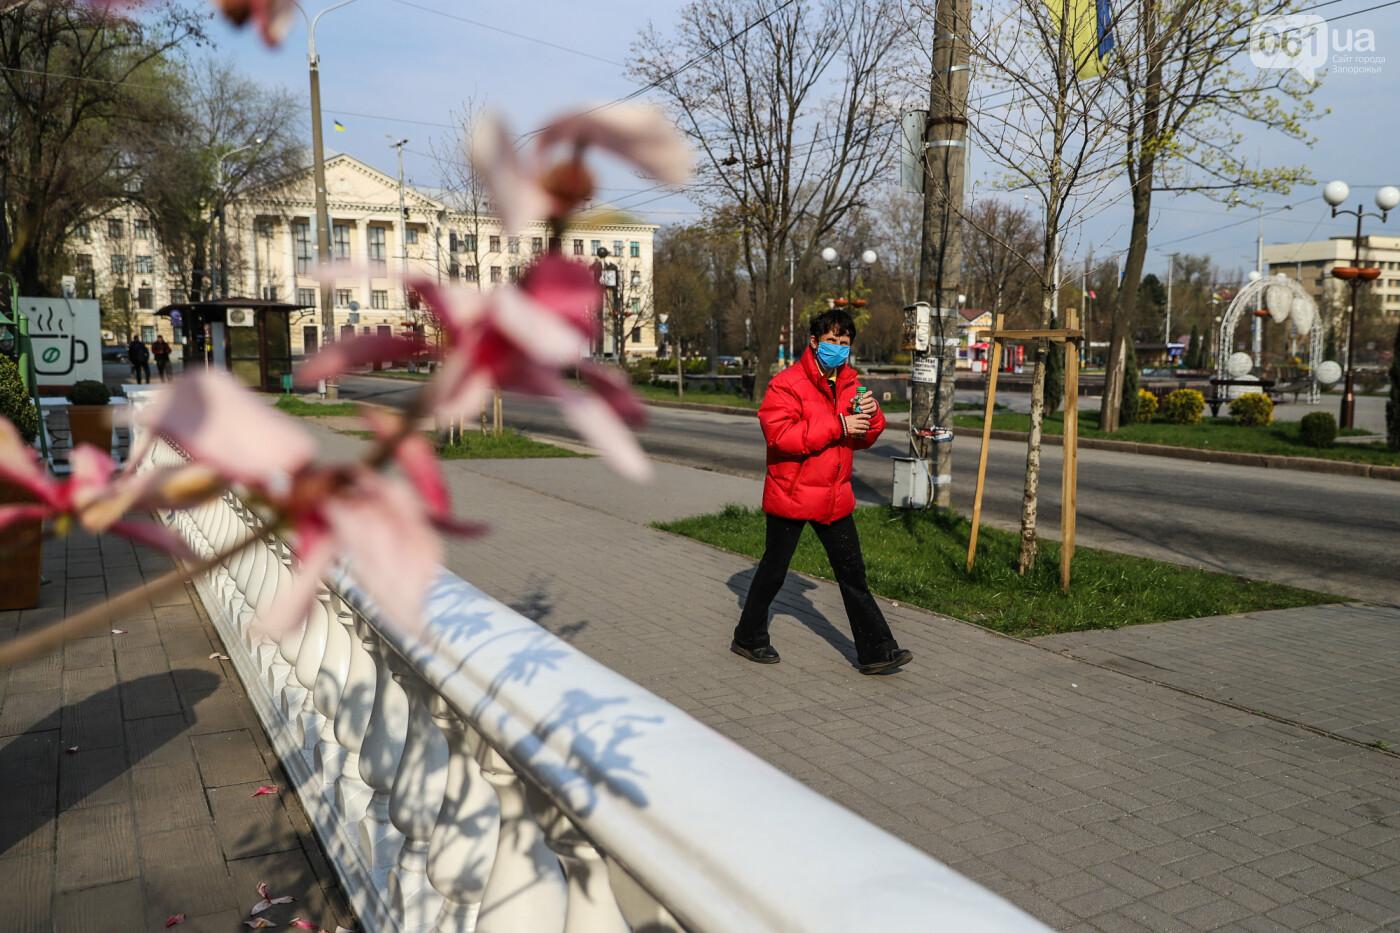 Вход только в масках: как выглядит Запорожье на карантине, - ФОТОРЕПОРТАЖ, фото-58